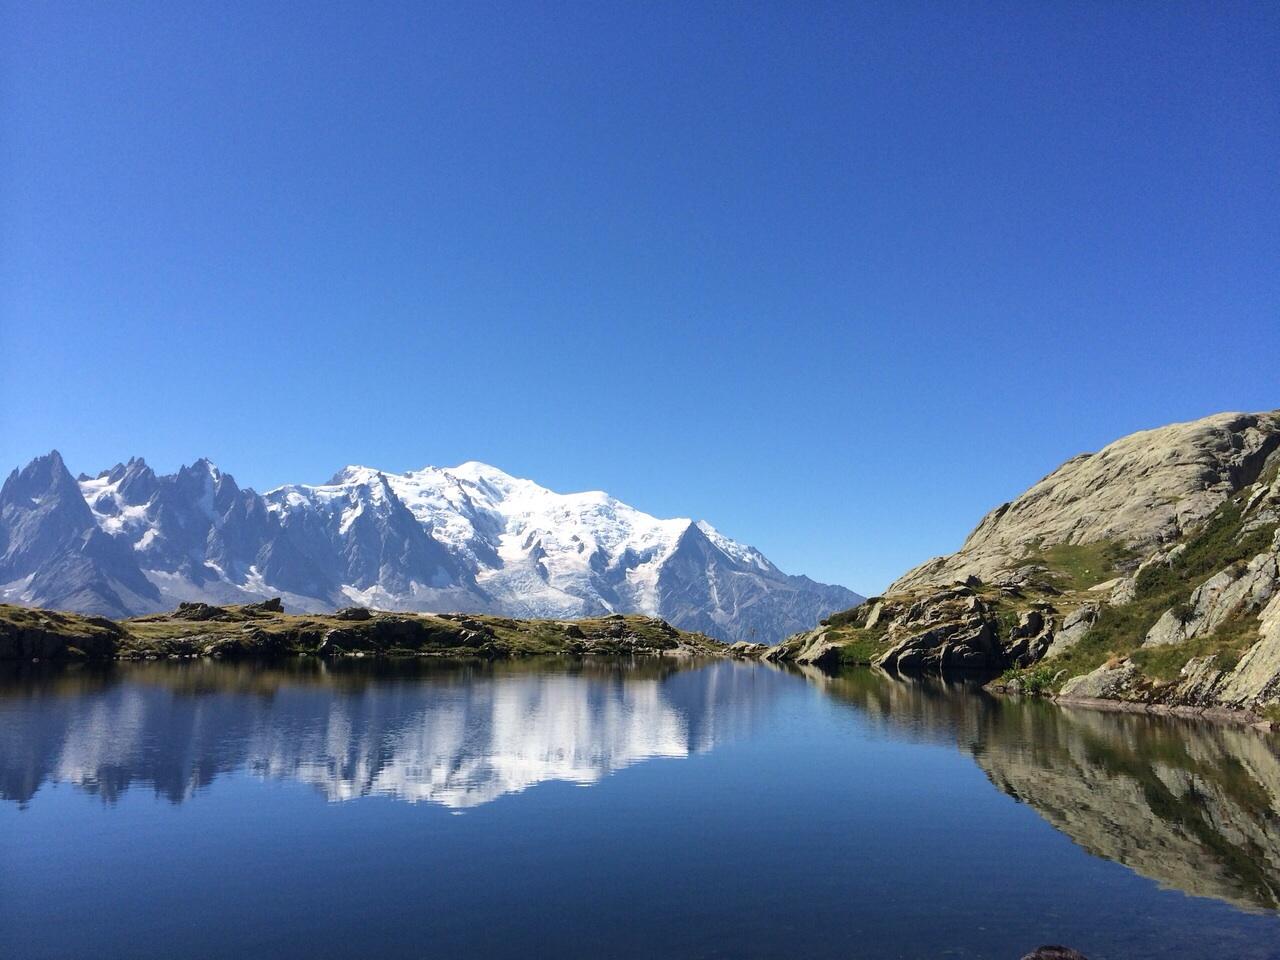 Le lac Blanc, face au Mont Blanc